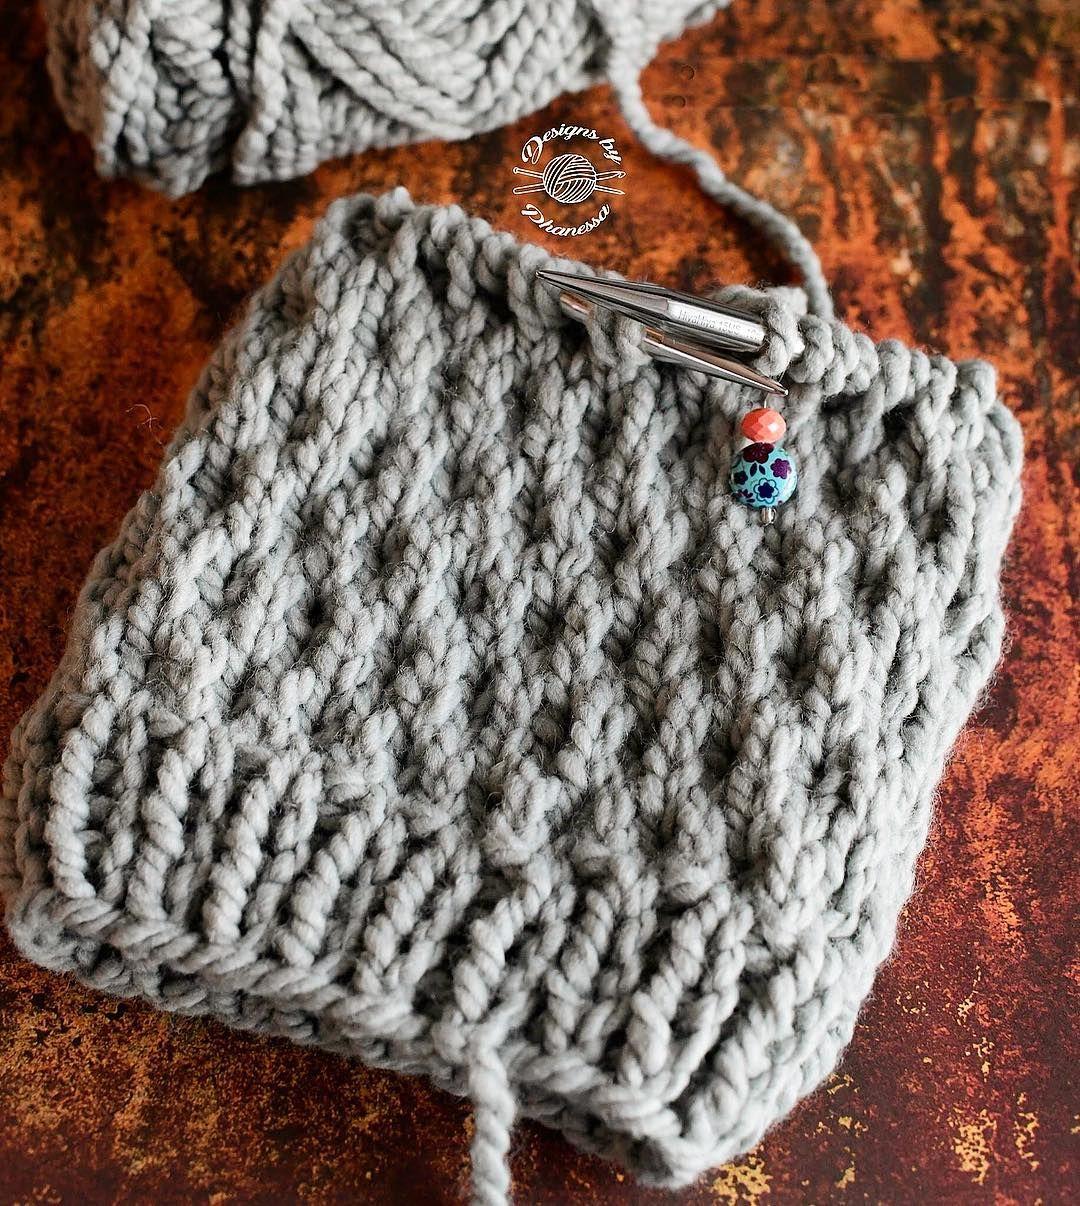 Big Twist Yarn Patterns Awesome Design Ideas